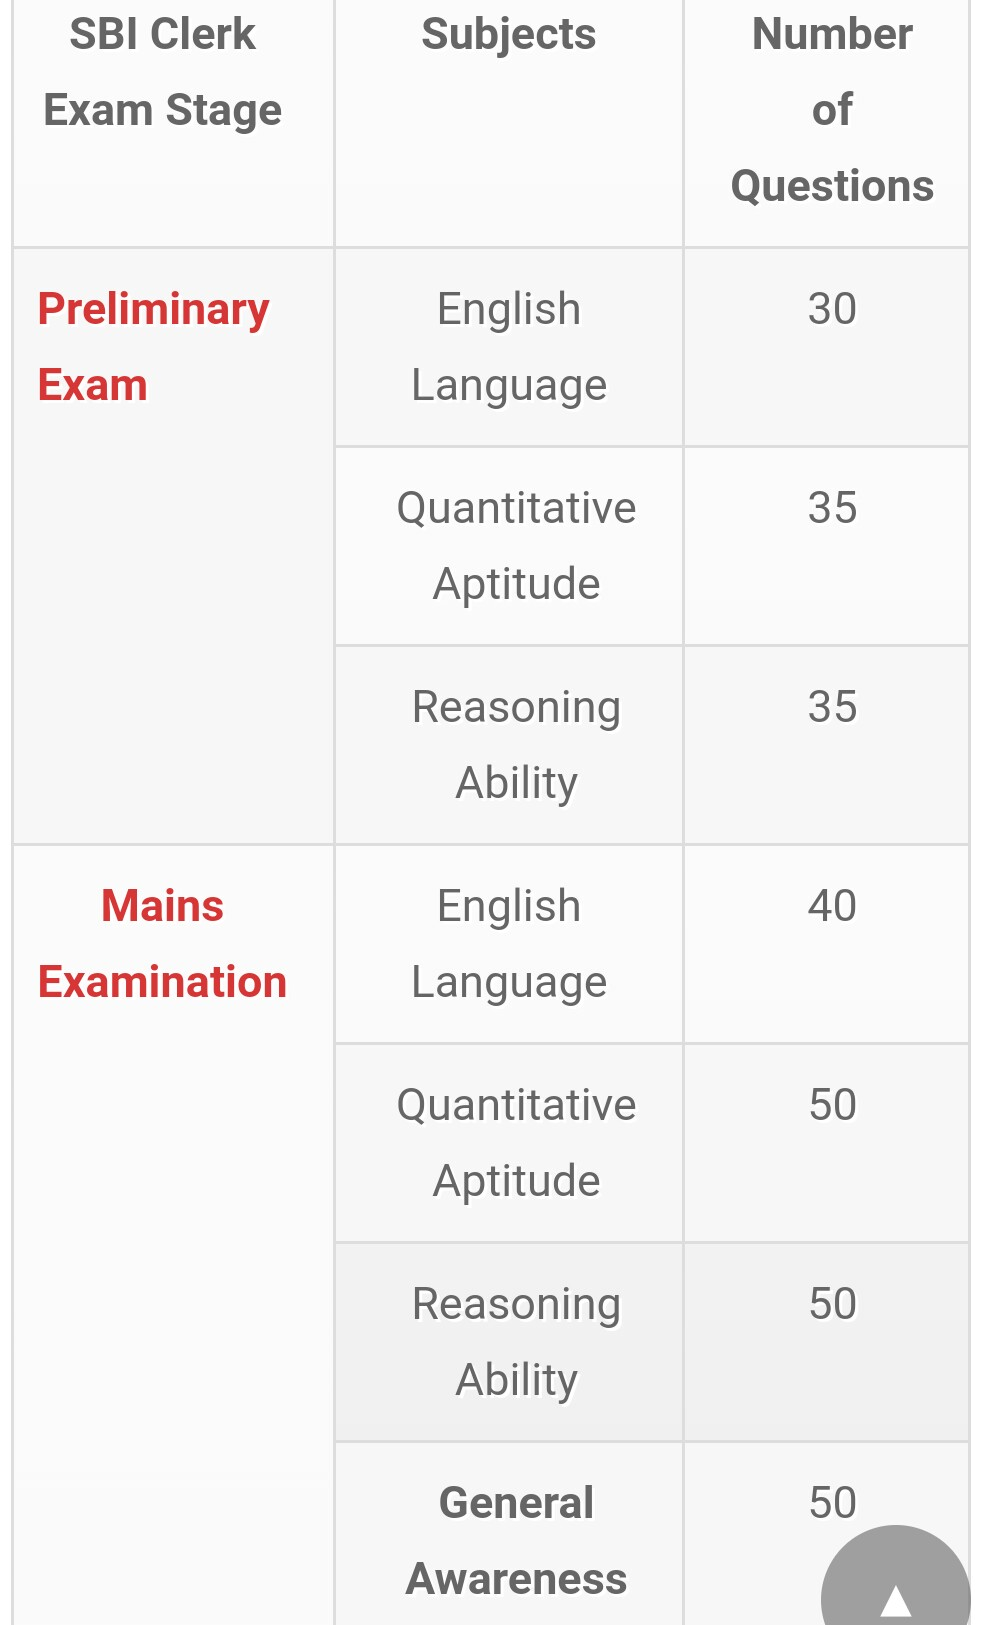 SBI Clerk Syllabus 2021: Detailed Syllabus For Mains & Prelims Exam